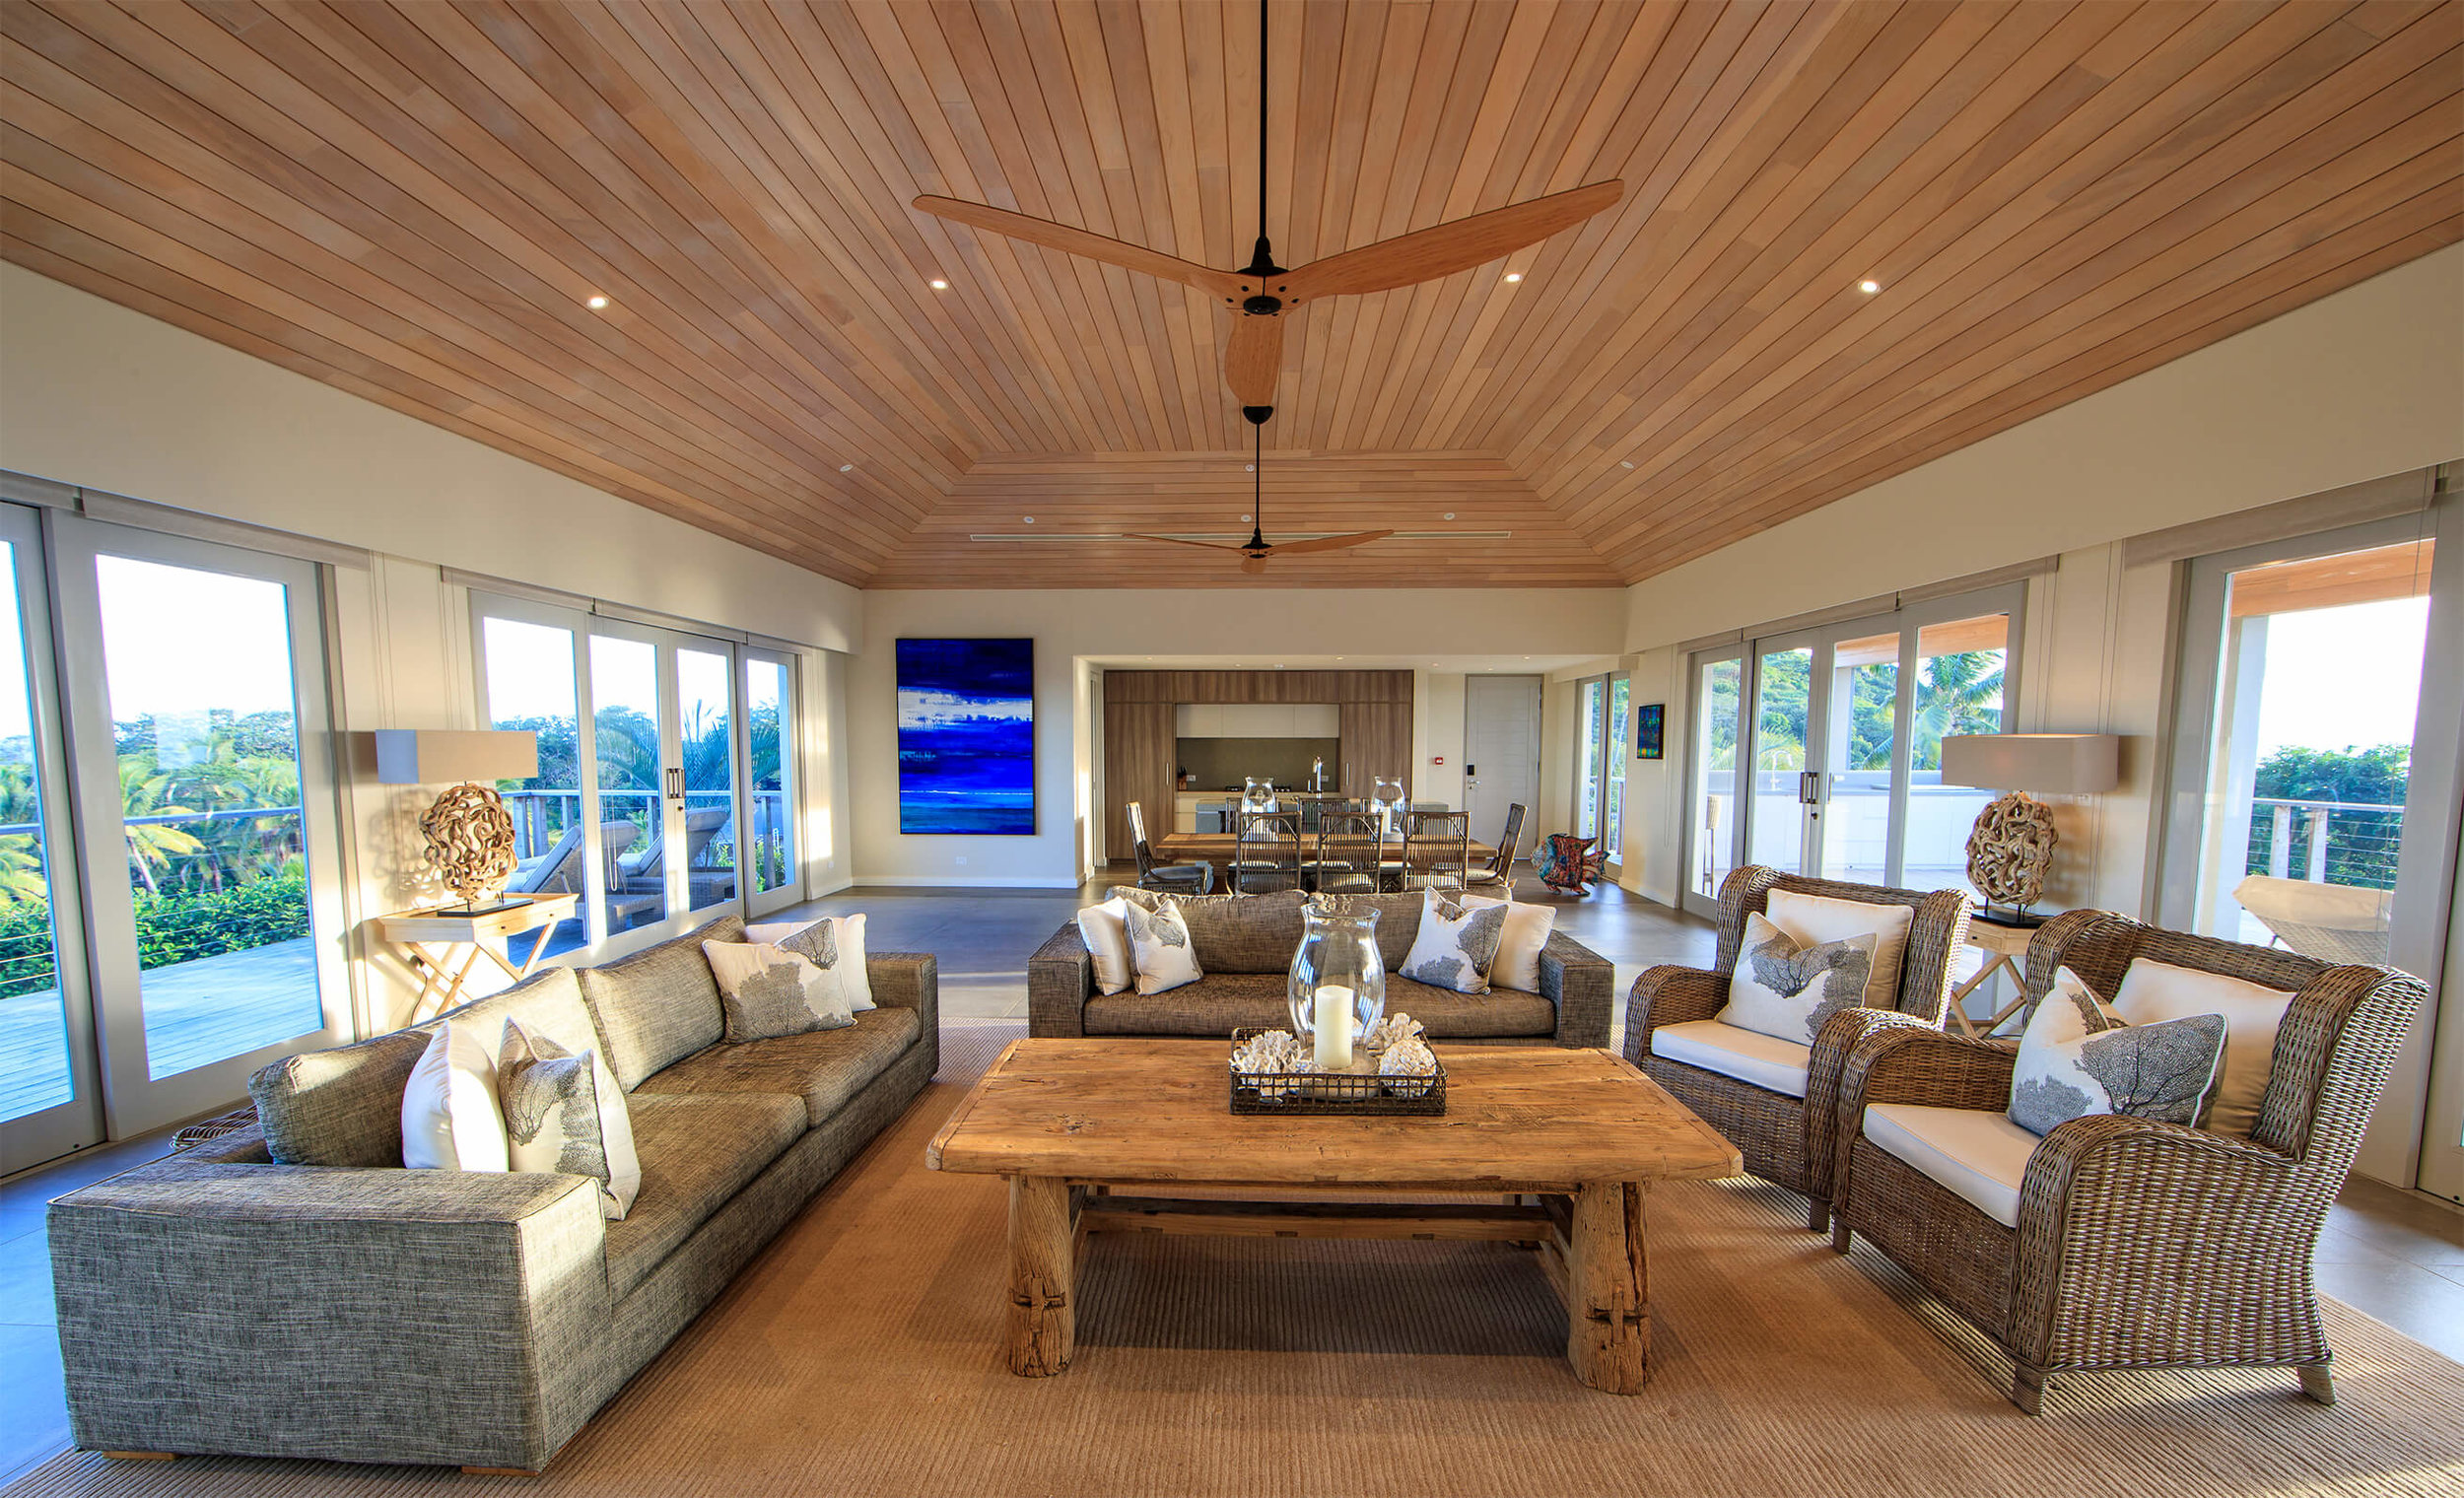 17. Six Bedroom Luxury Residence - Sunset Living.jpg